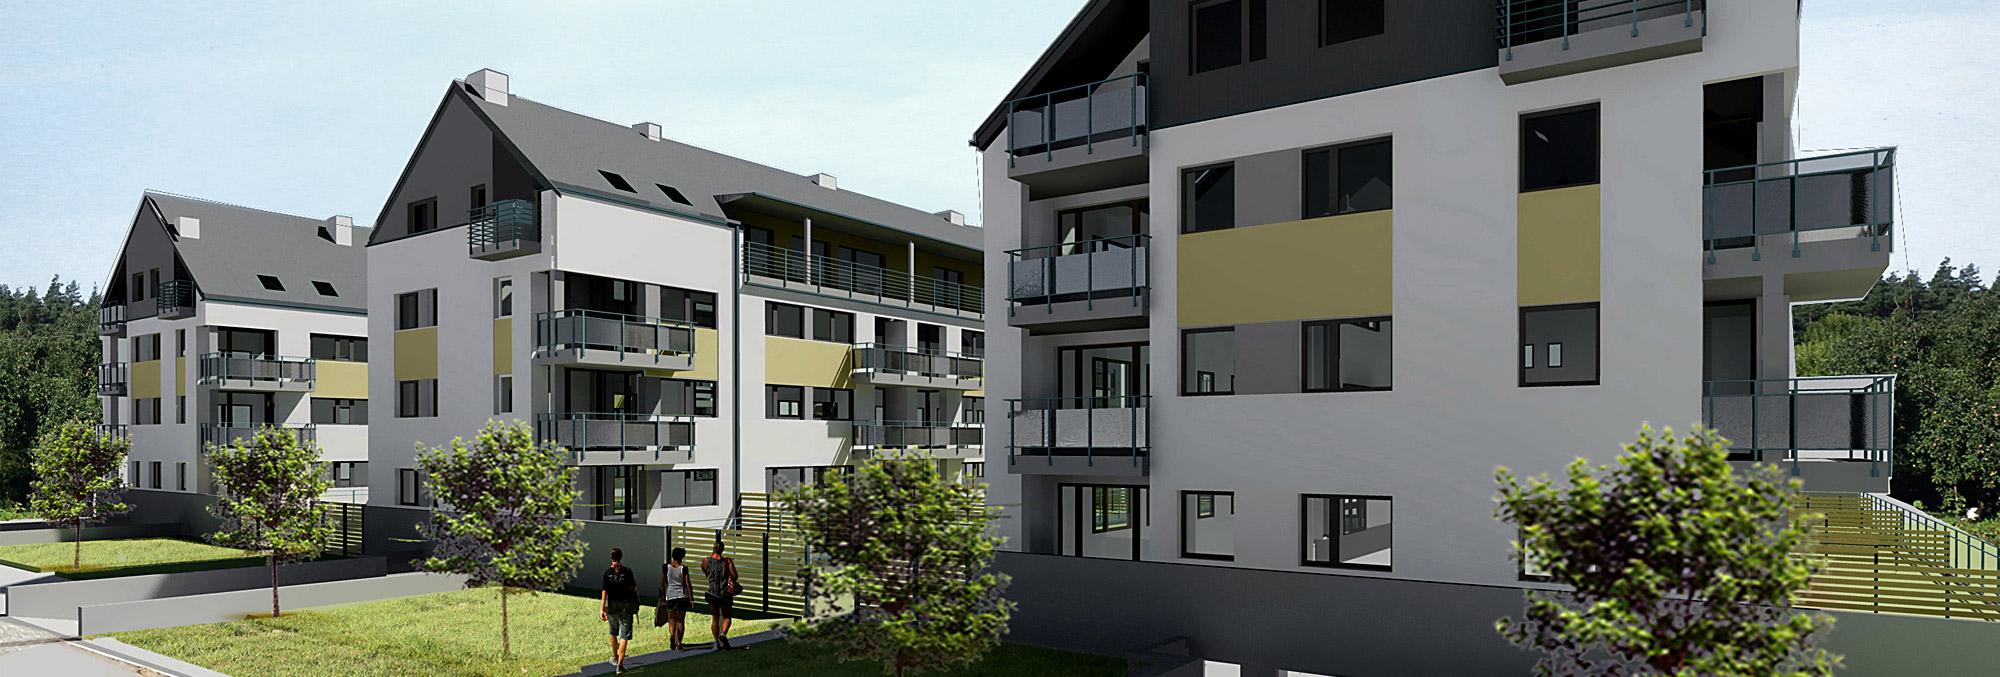 Budynki Wielorodzinne - KTK Piech Sp. J.